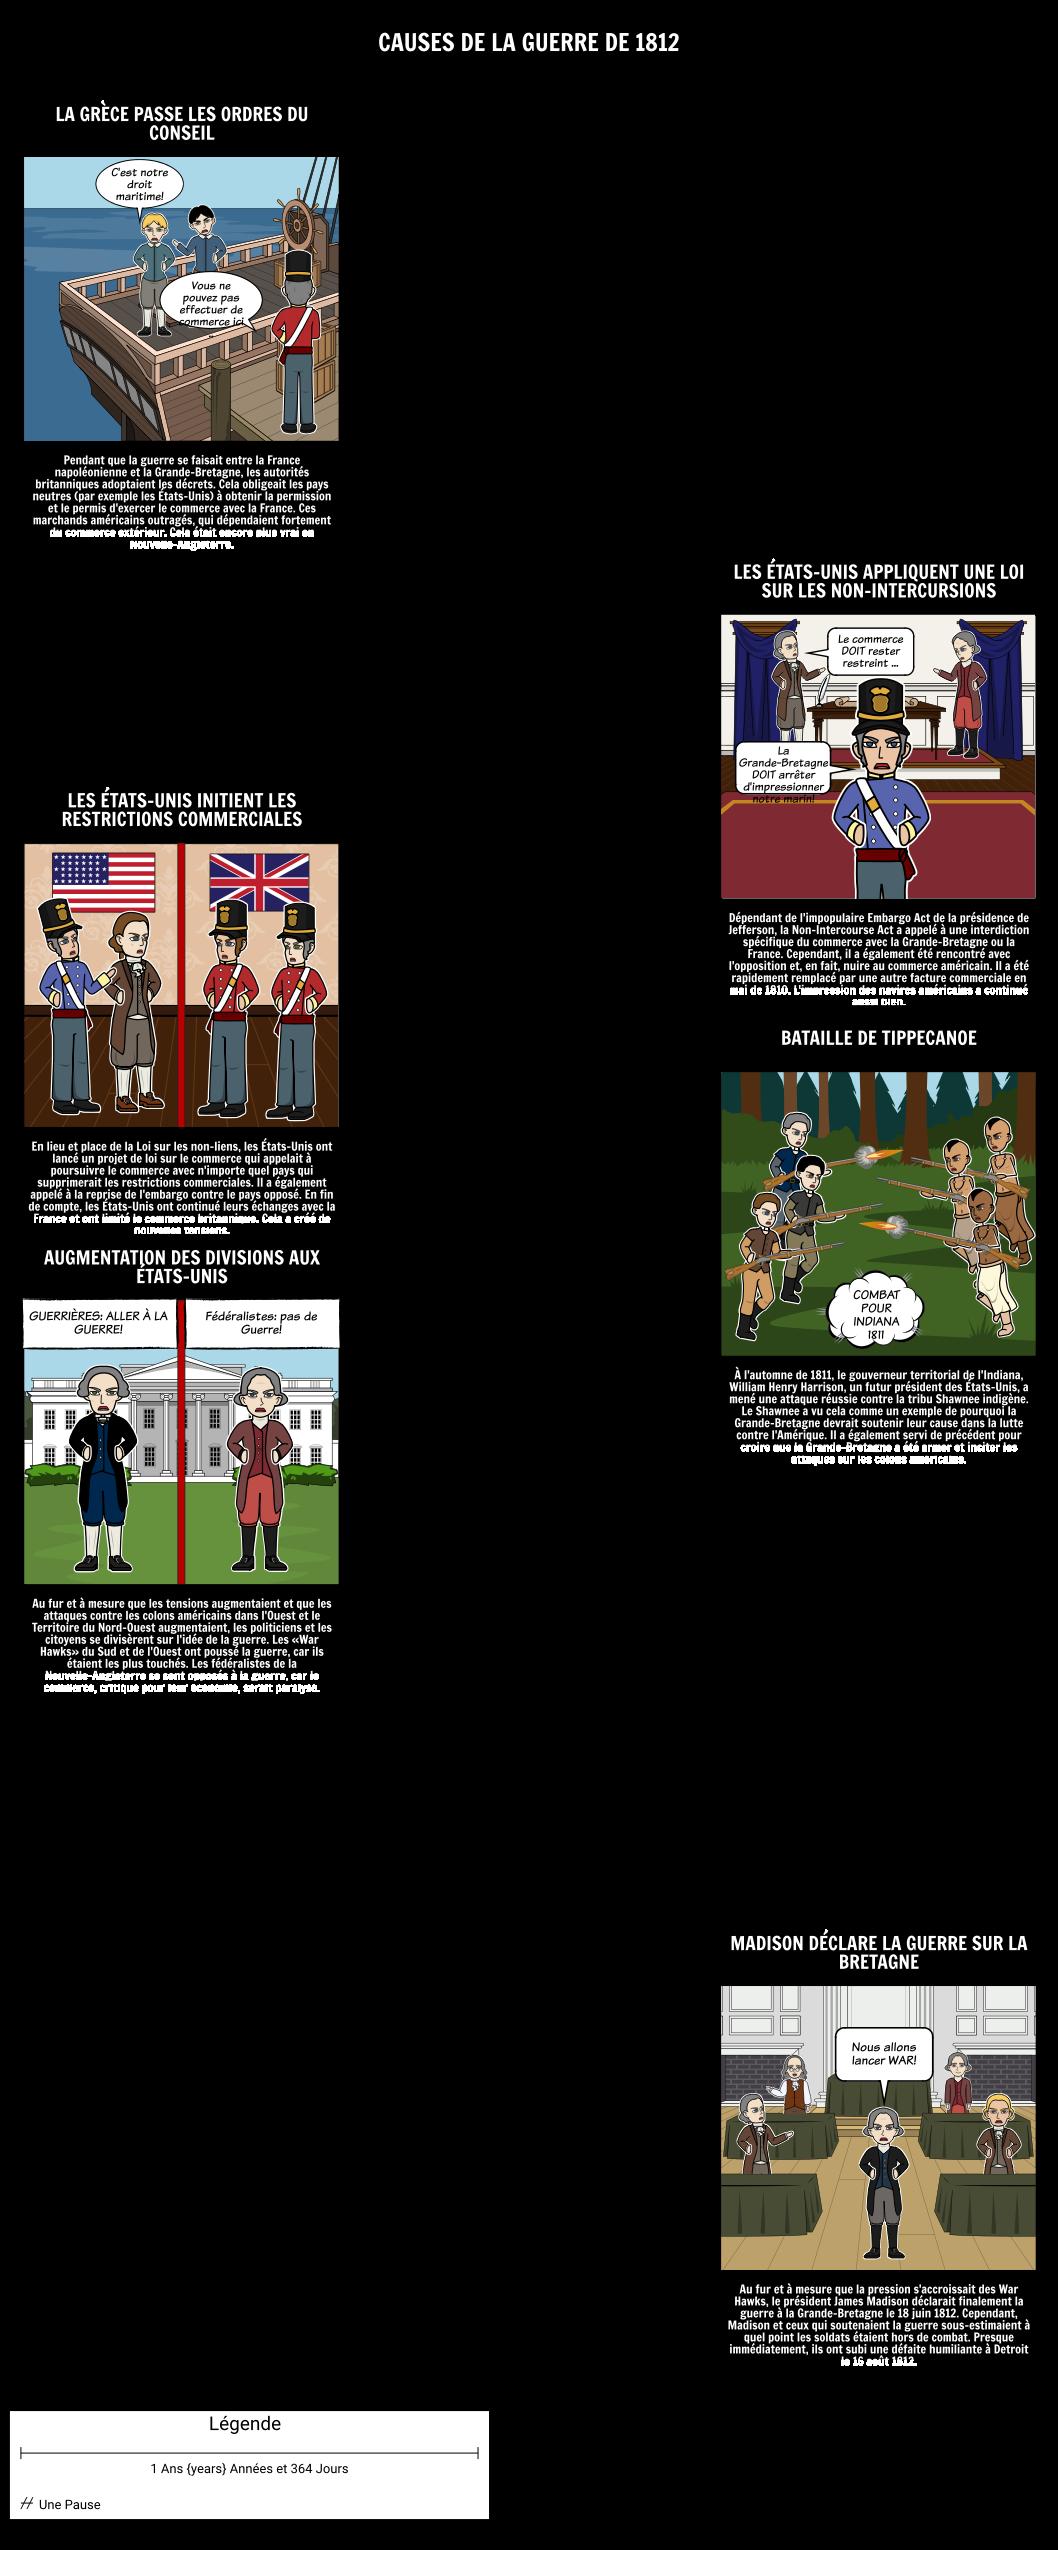 causes de la guerre de 1812 chronologie